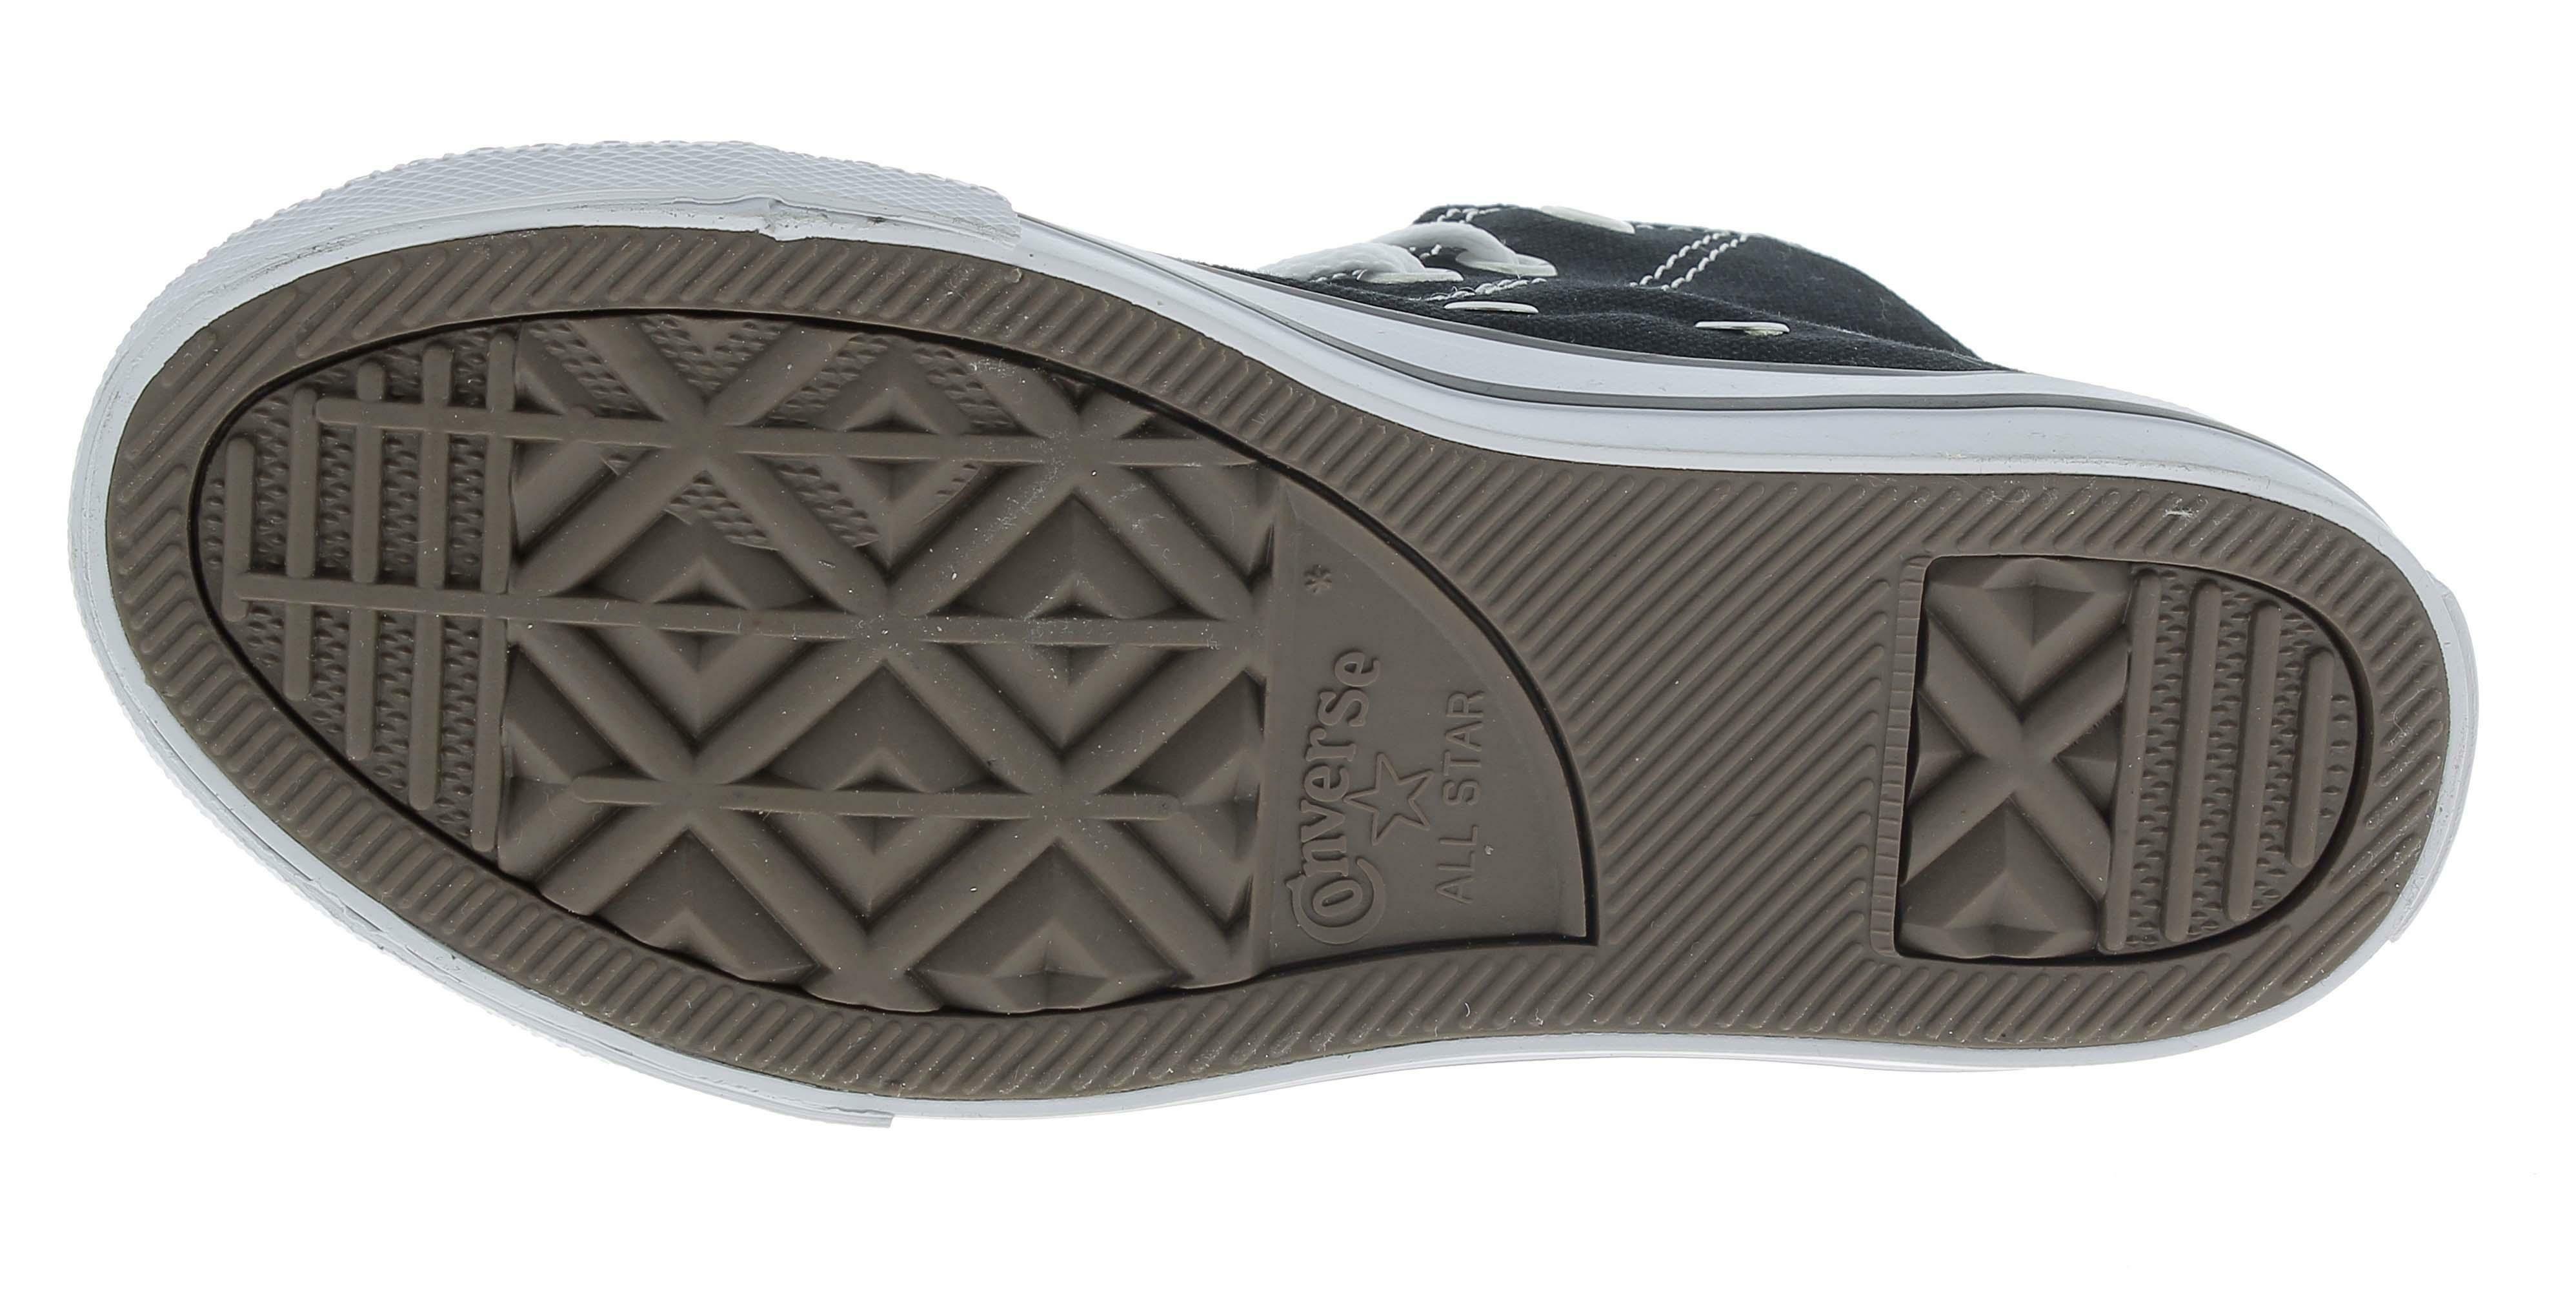 converse converse all star hi ct scarpe sportive alte bambino nere 3j231